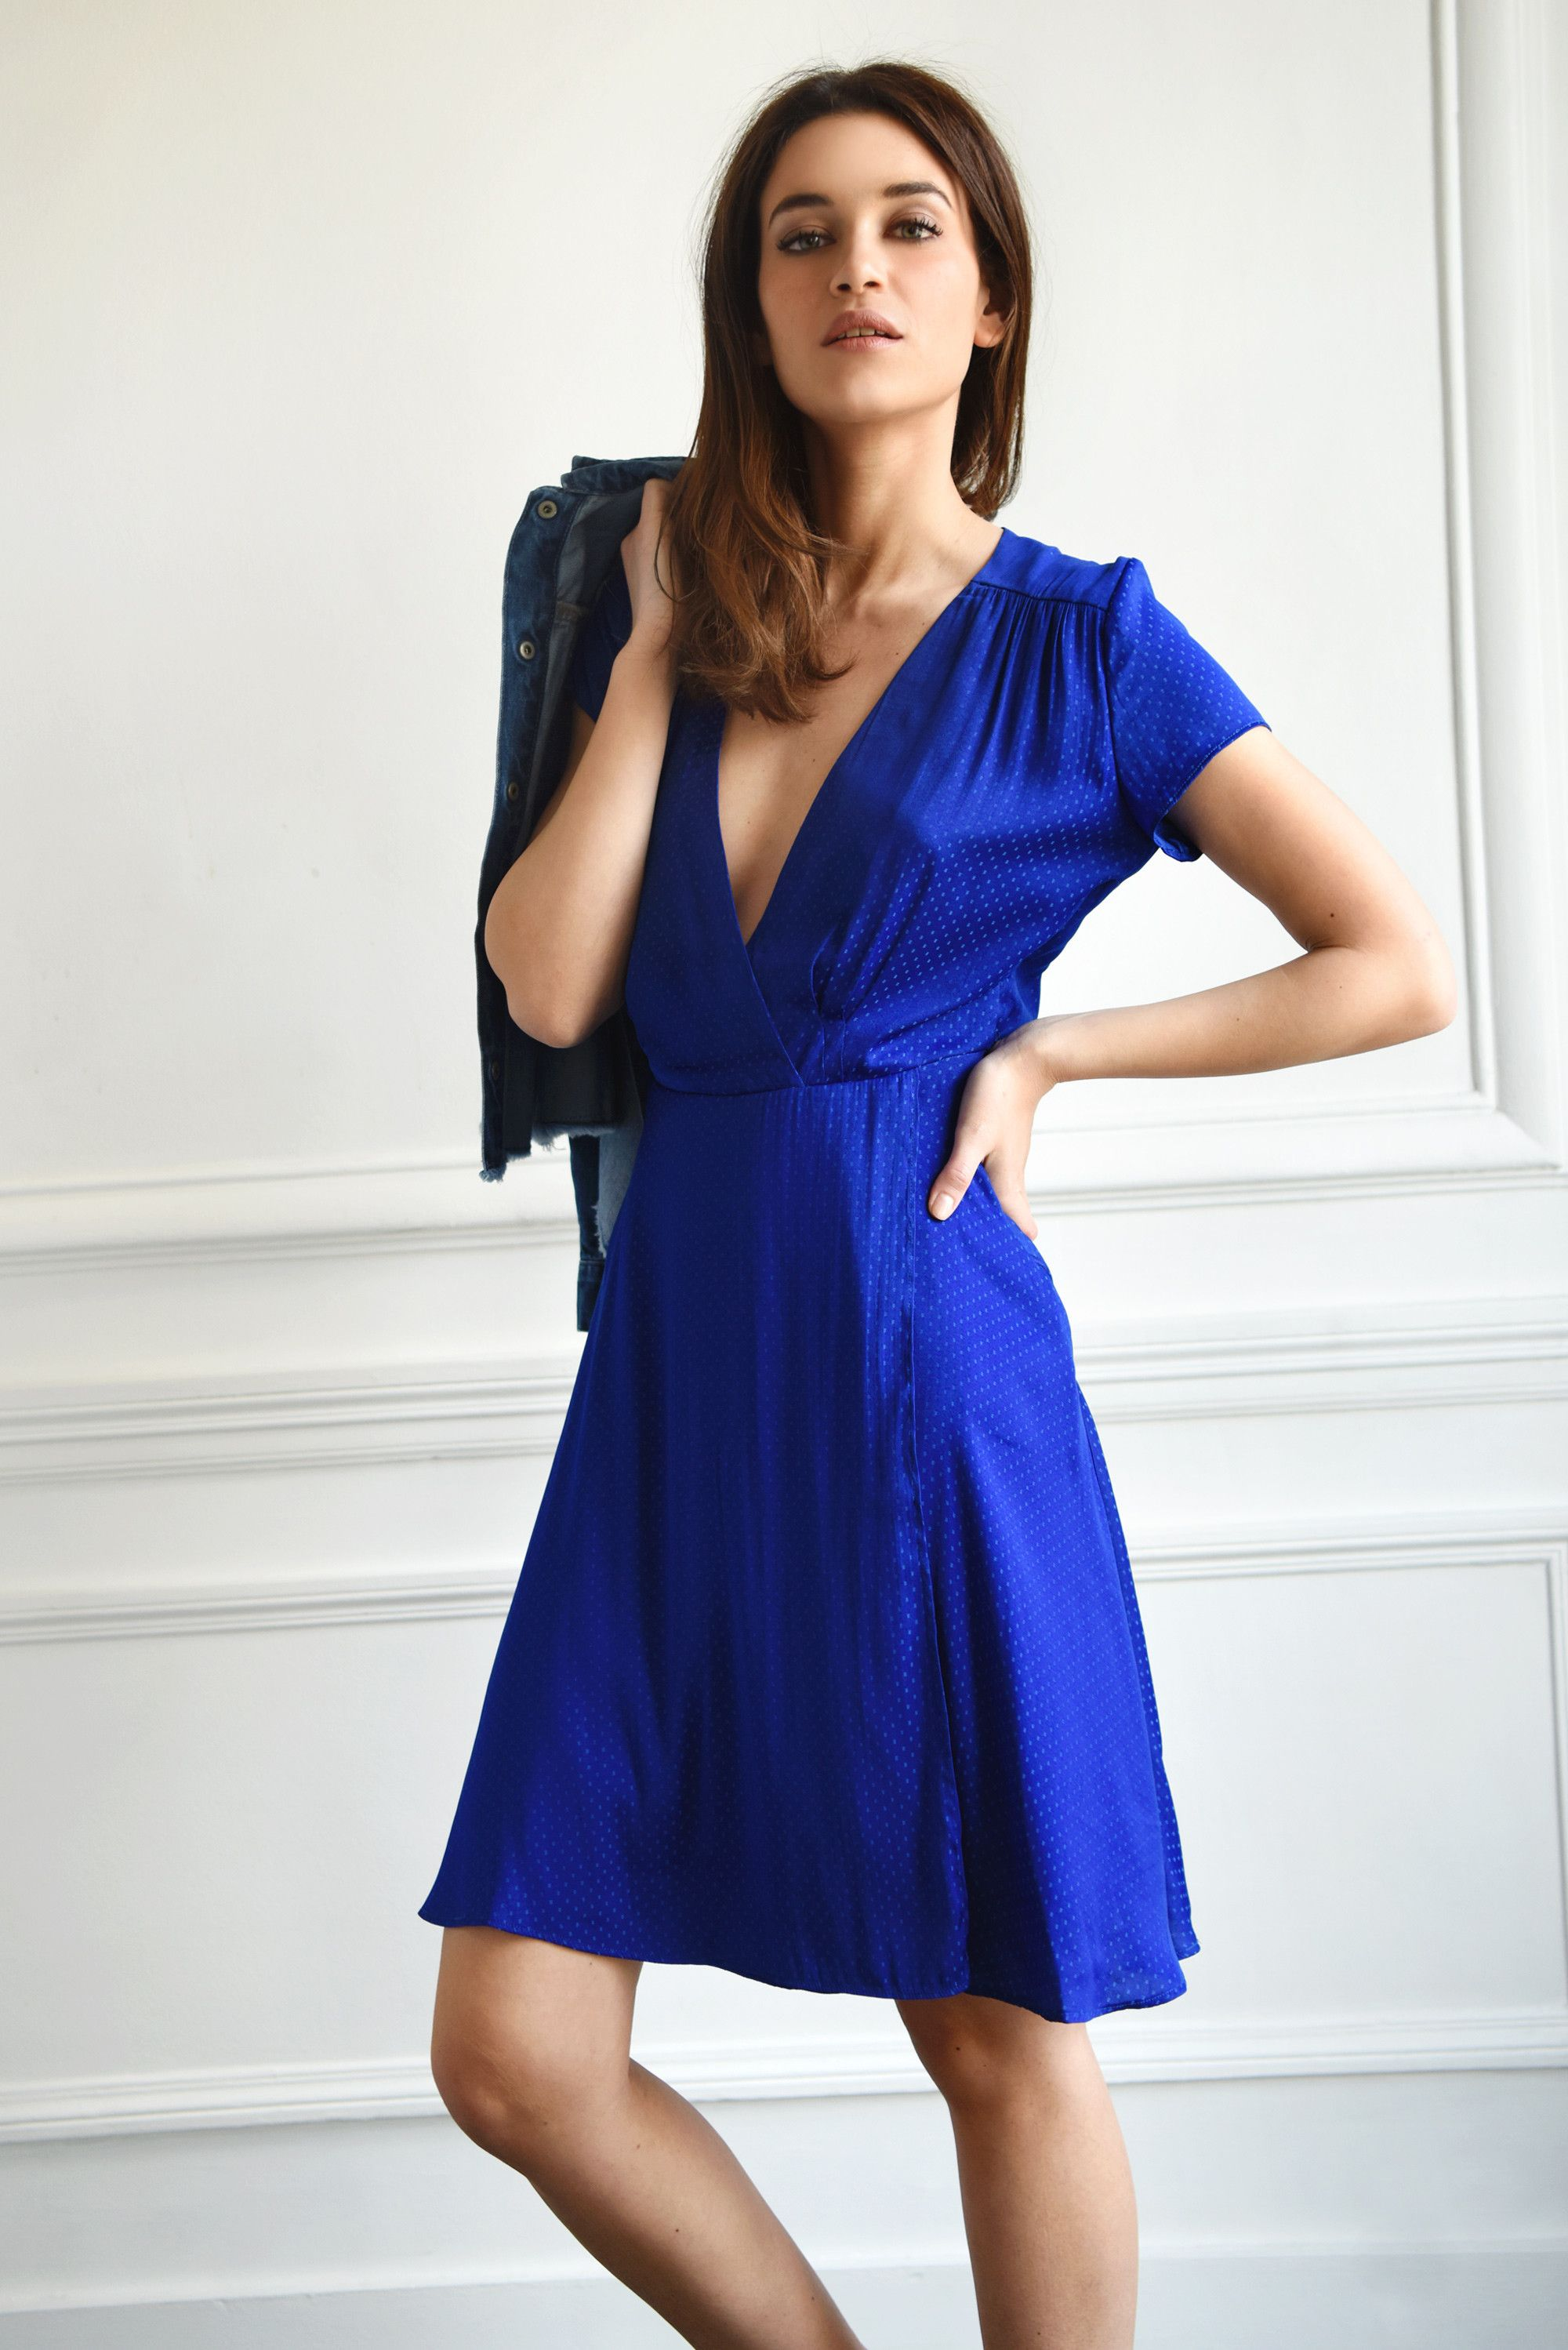 Robe bleue roi satin damassé Les Petites… au tissage jacquard et manches  courtes, robe portefeuille et col V au décolleté profond avec lien à nouer  à la ...